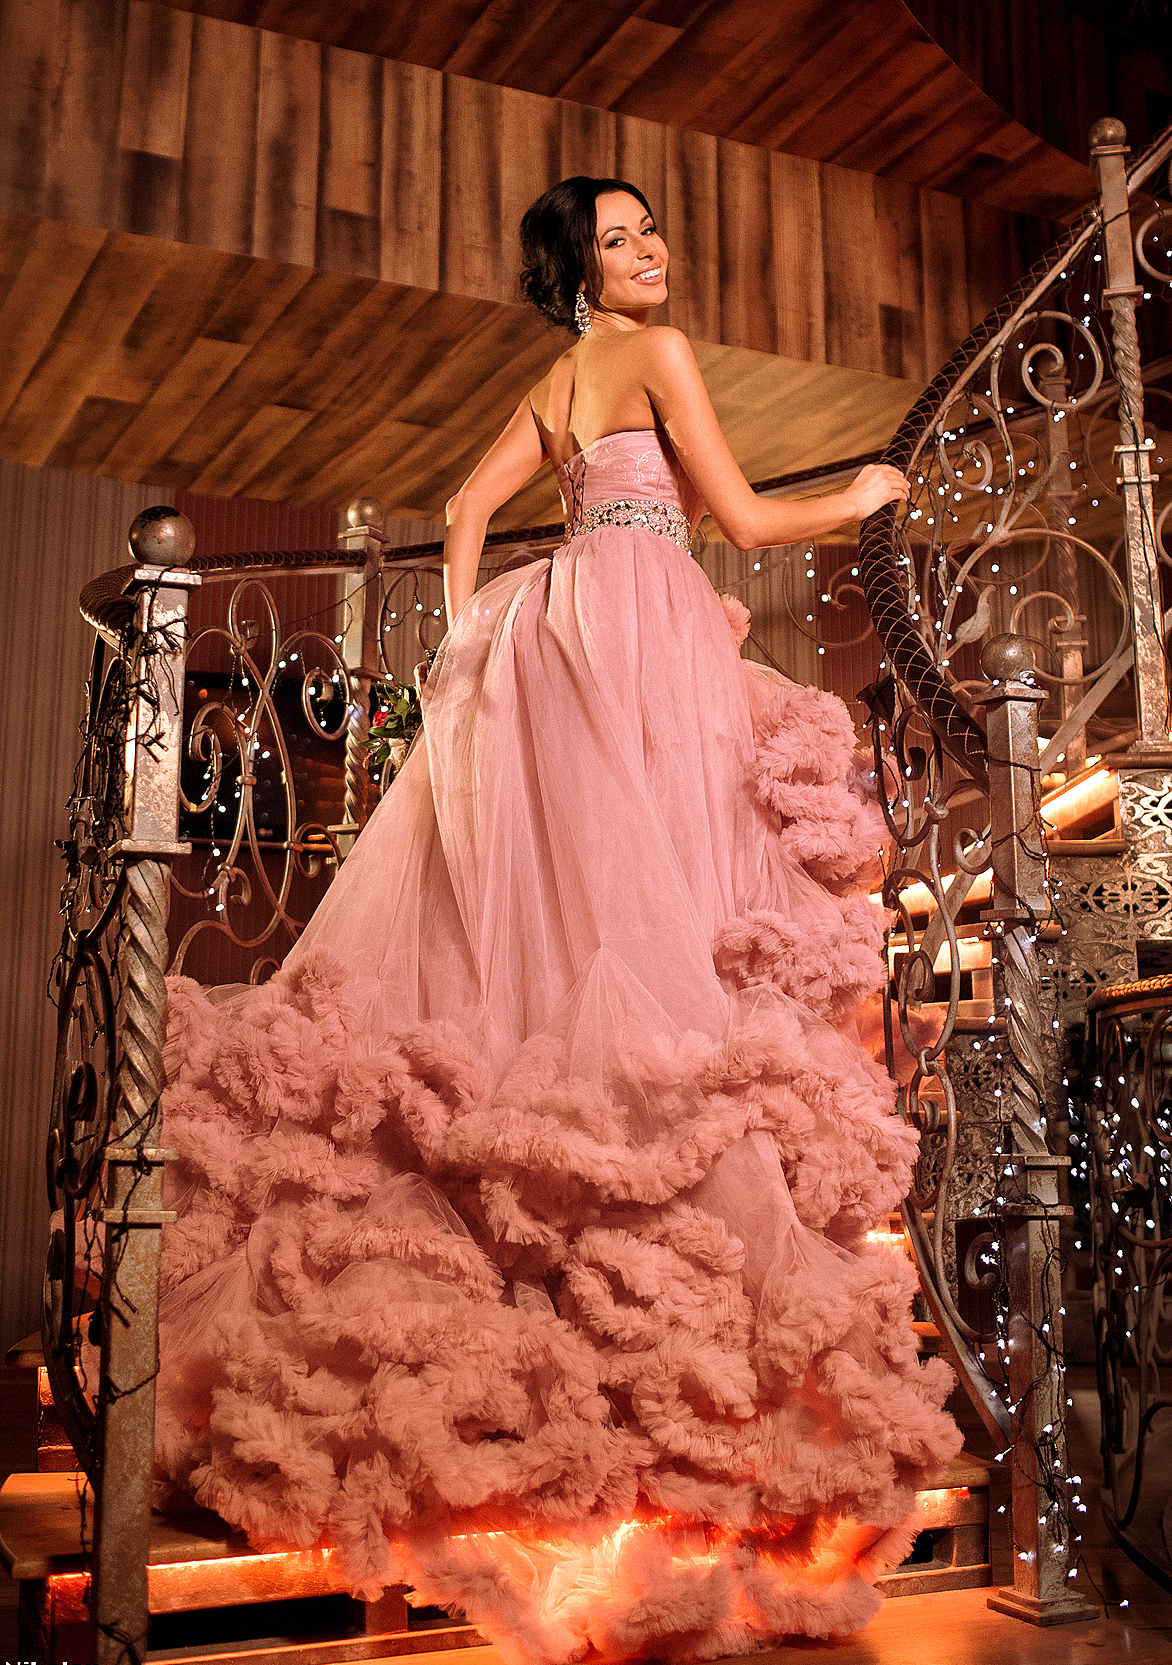 прост, результат аренда платьев в брянске для фотосессии продажа